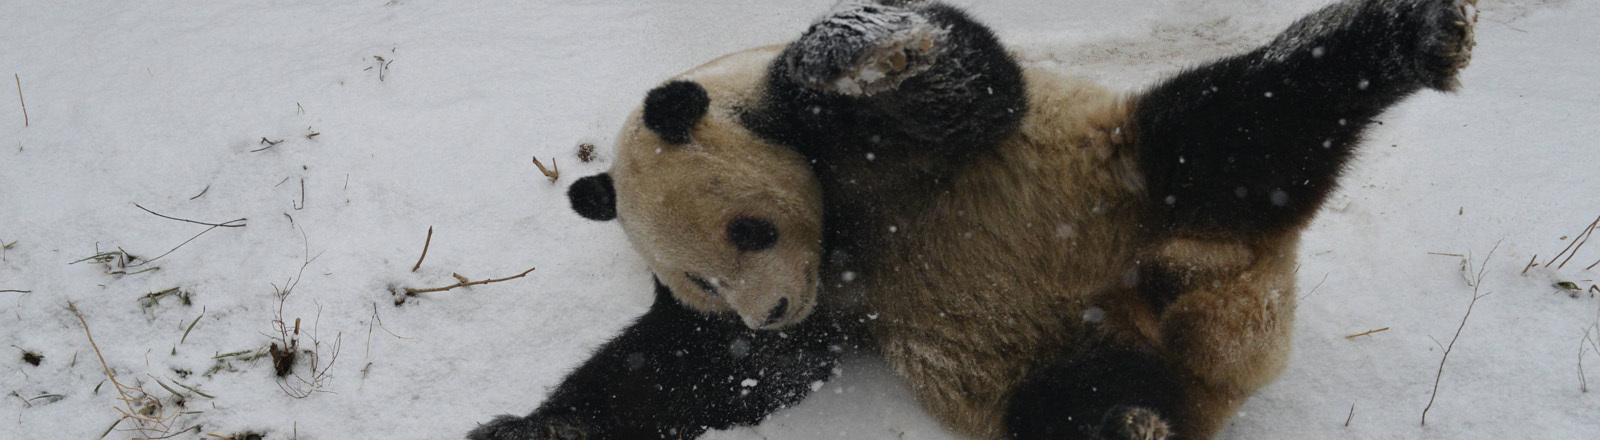 Ein Panda wälzt sich im Schnee.